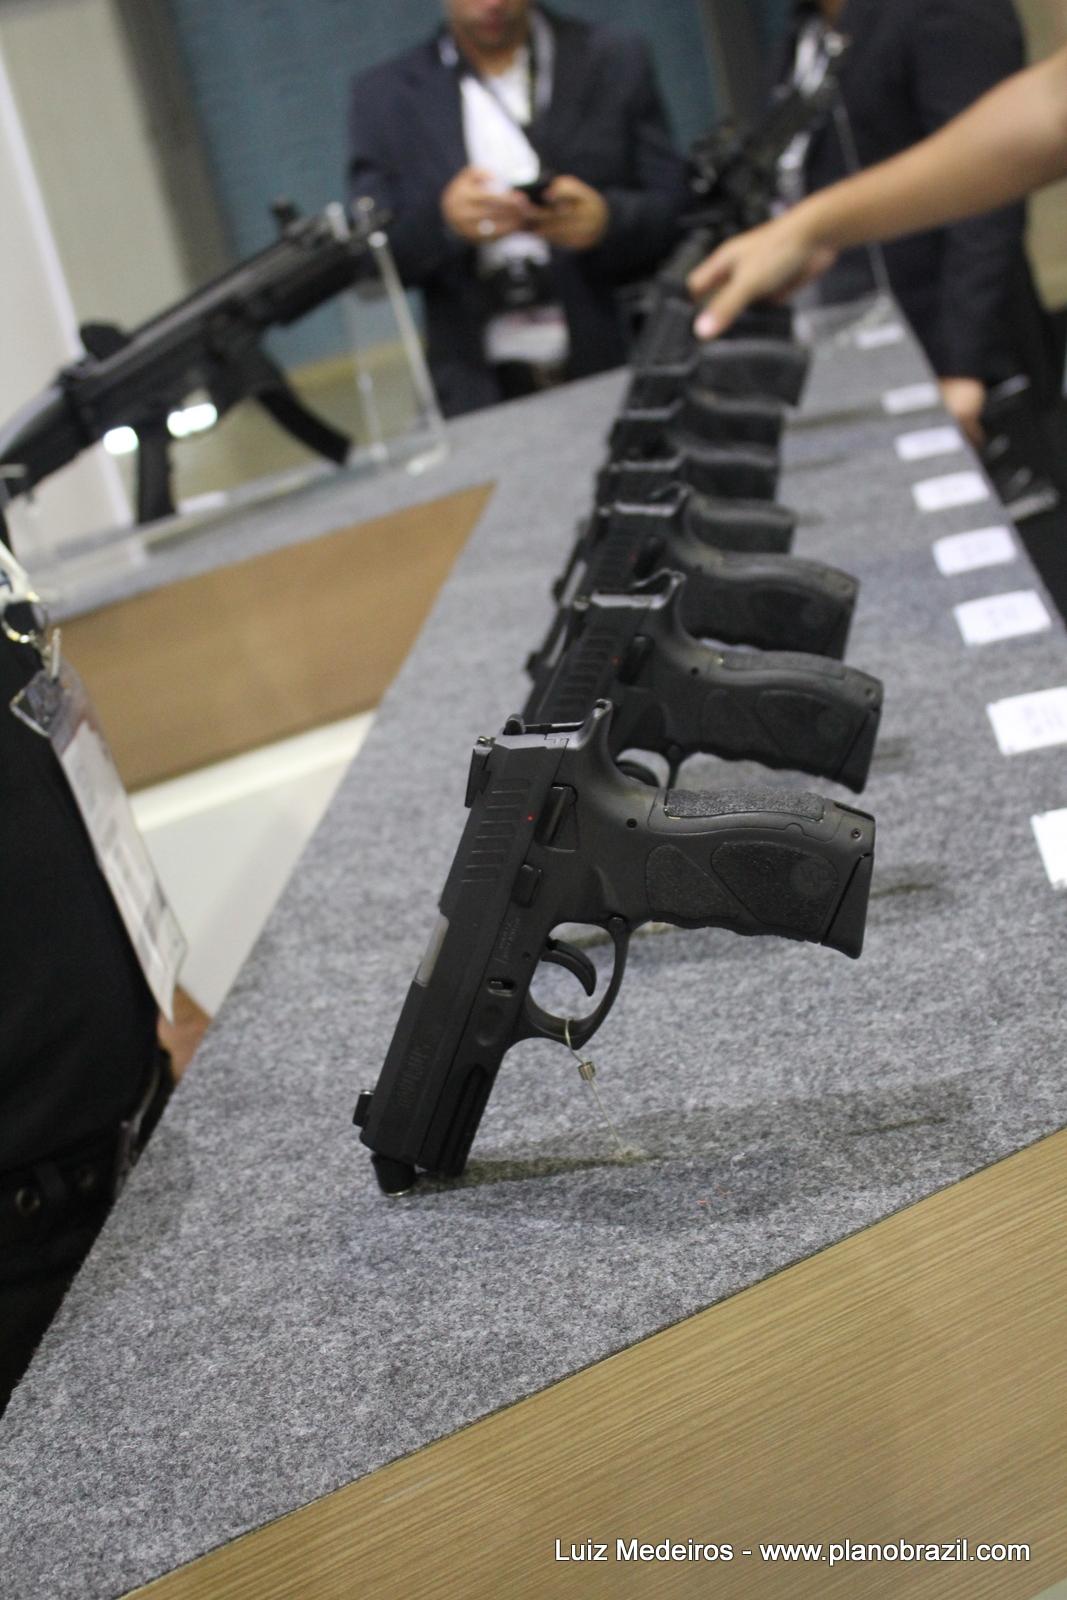 Gigantes das armas travam guerra silenciosa por mercado de R$ 2,5 bilhões